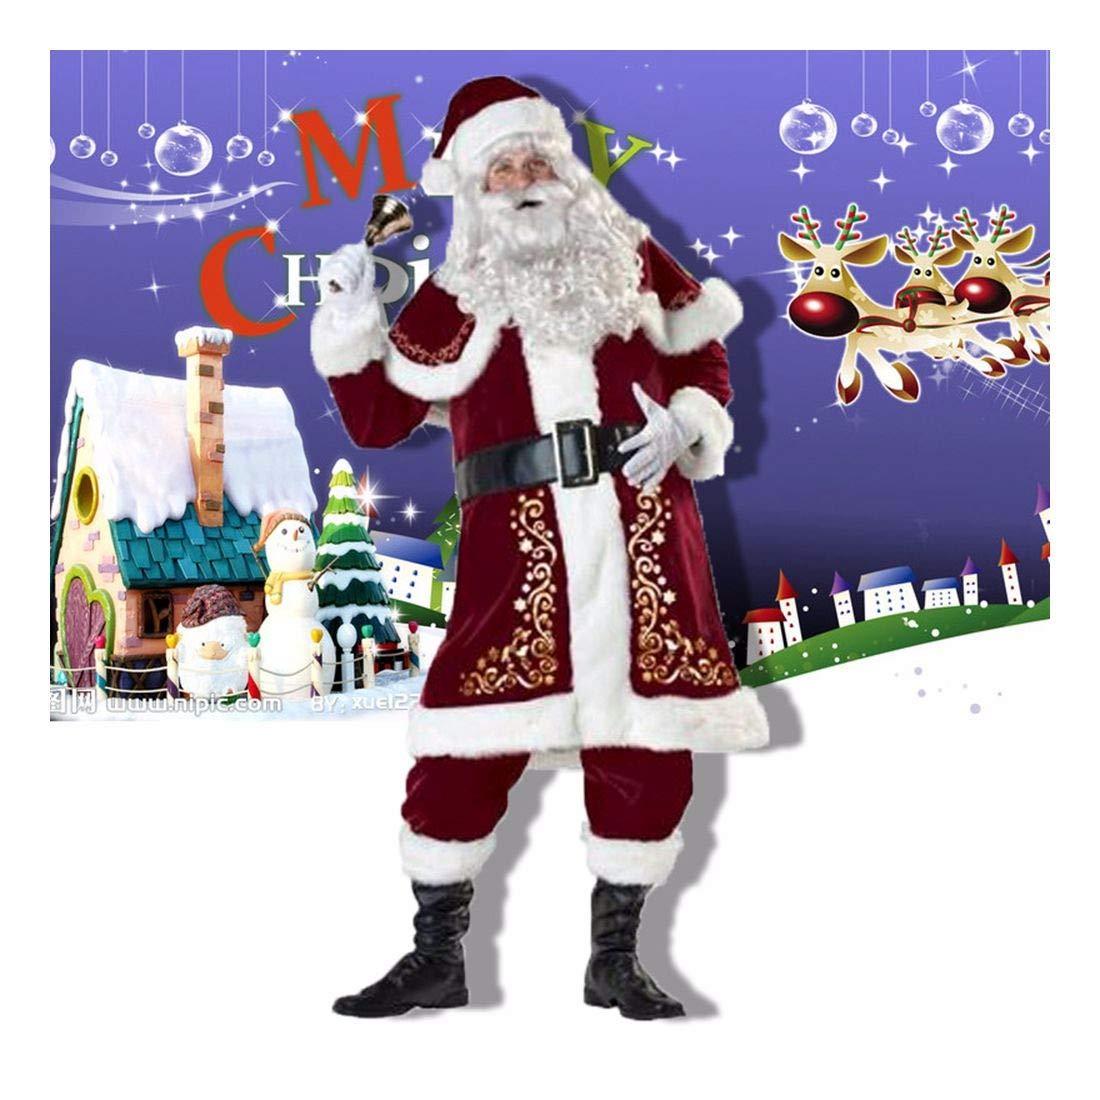 SDLRYF Babbo Natale Vestito Bar Costumi di Natale Uomini E Donne Adulti Babbo Natale Natale Natale Costumi Costumi Europei E Gli Appassionati Americani